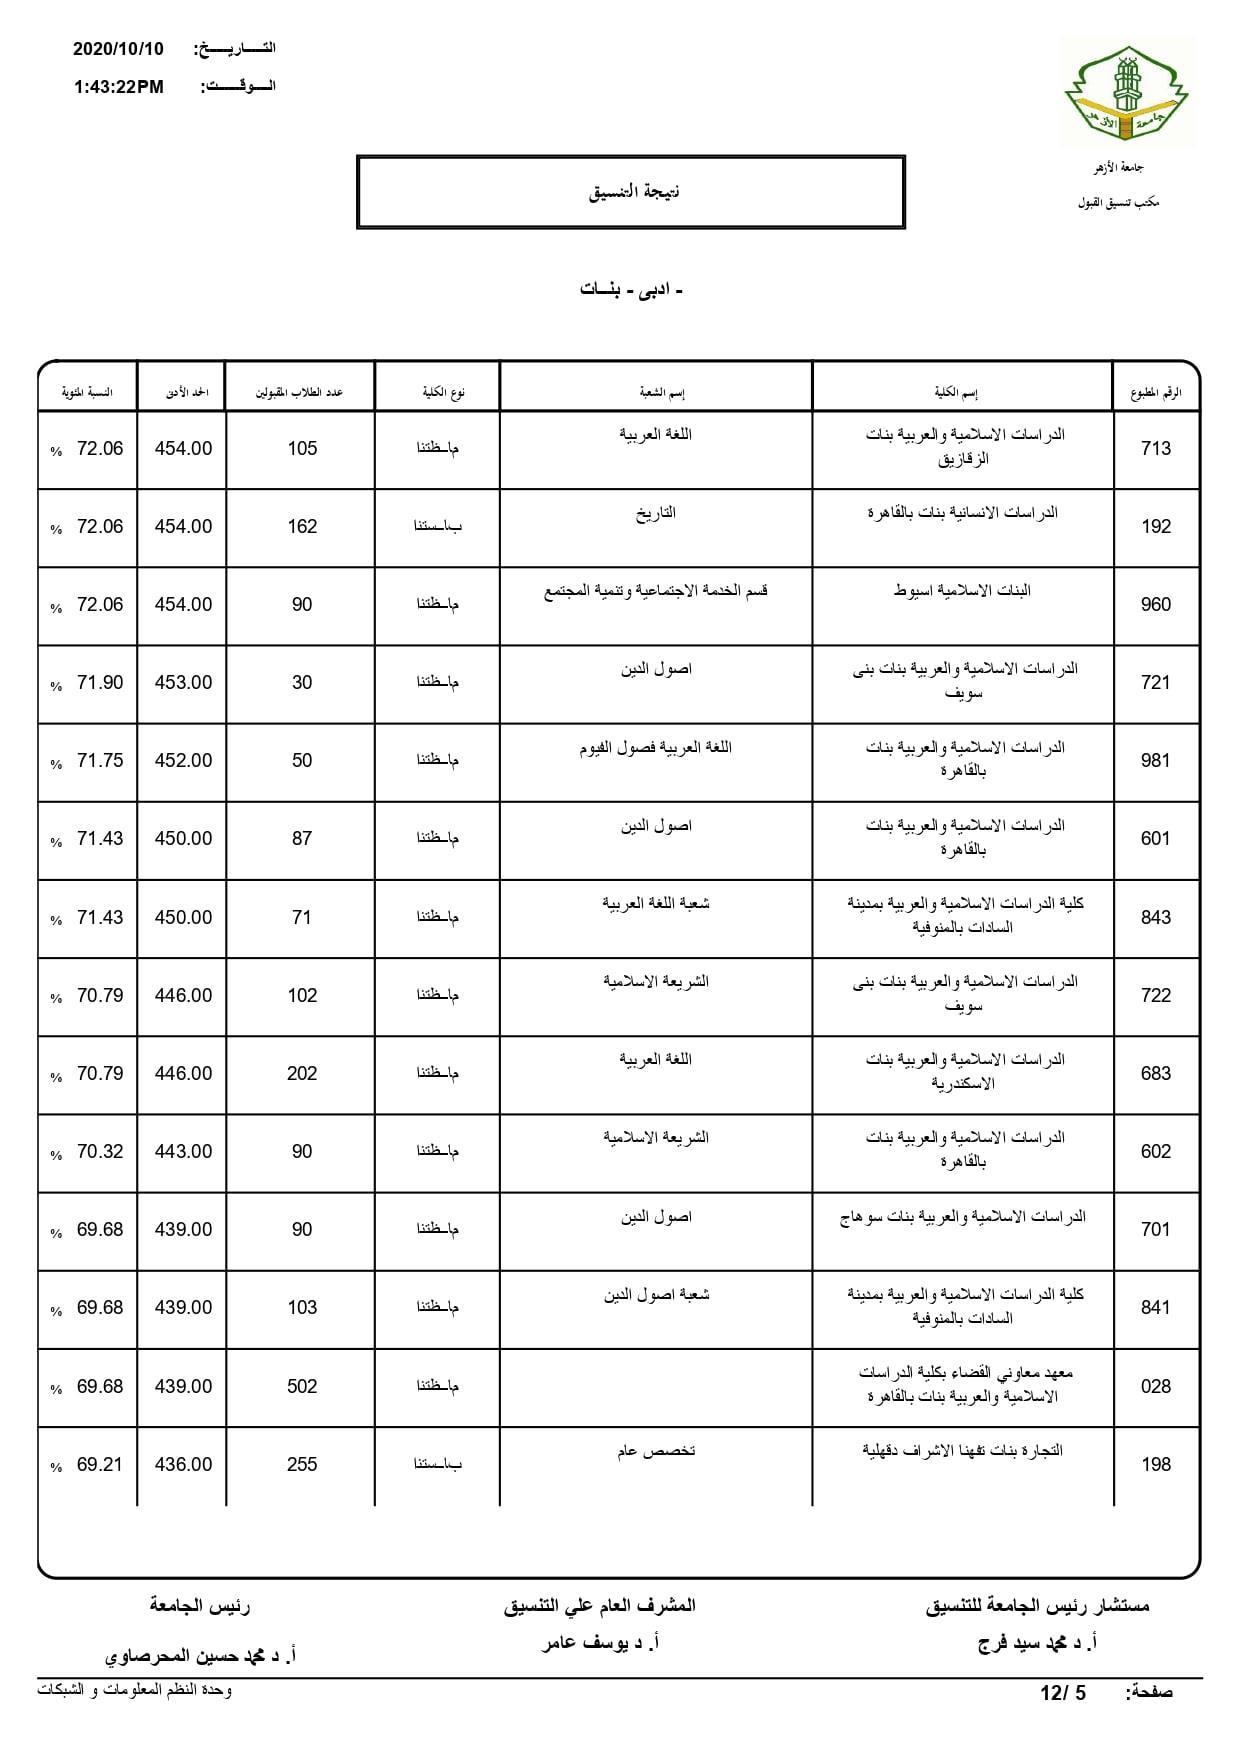 نتيجة تنسيق كليات جامعة الأزهر لعام 2020 بالكامل 20201010202538644